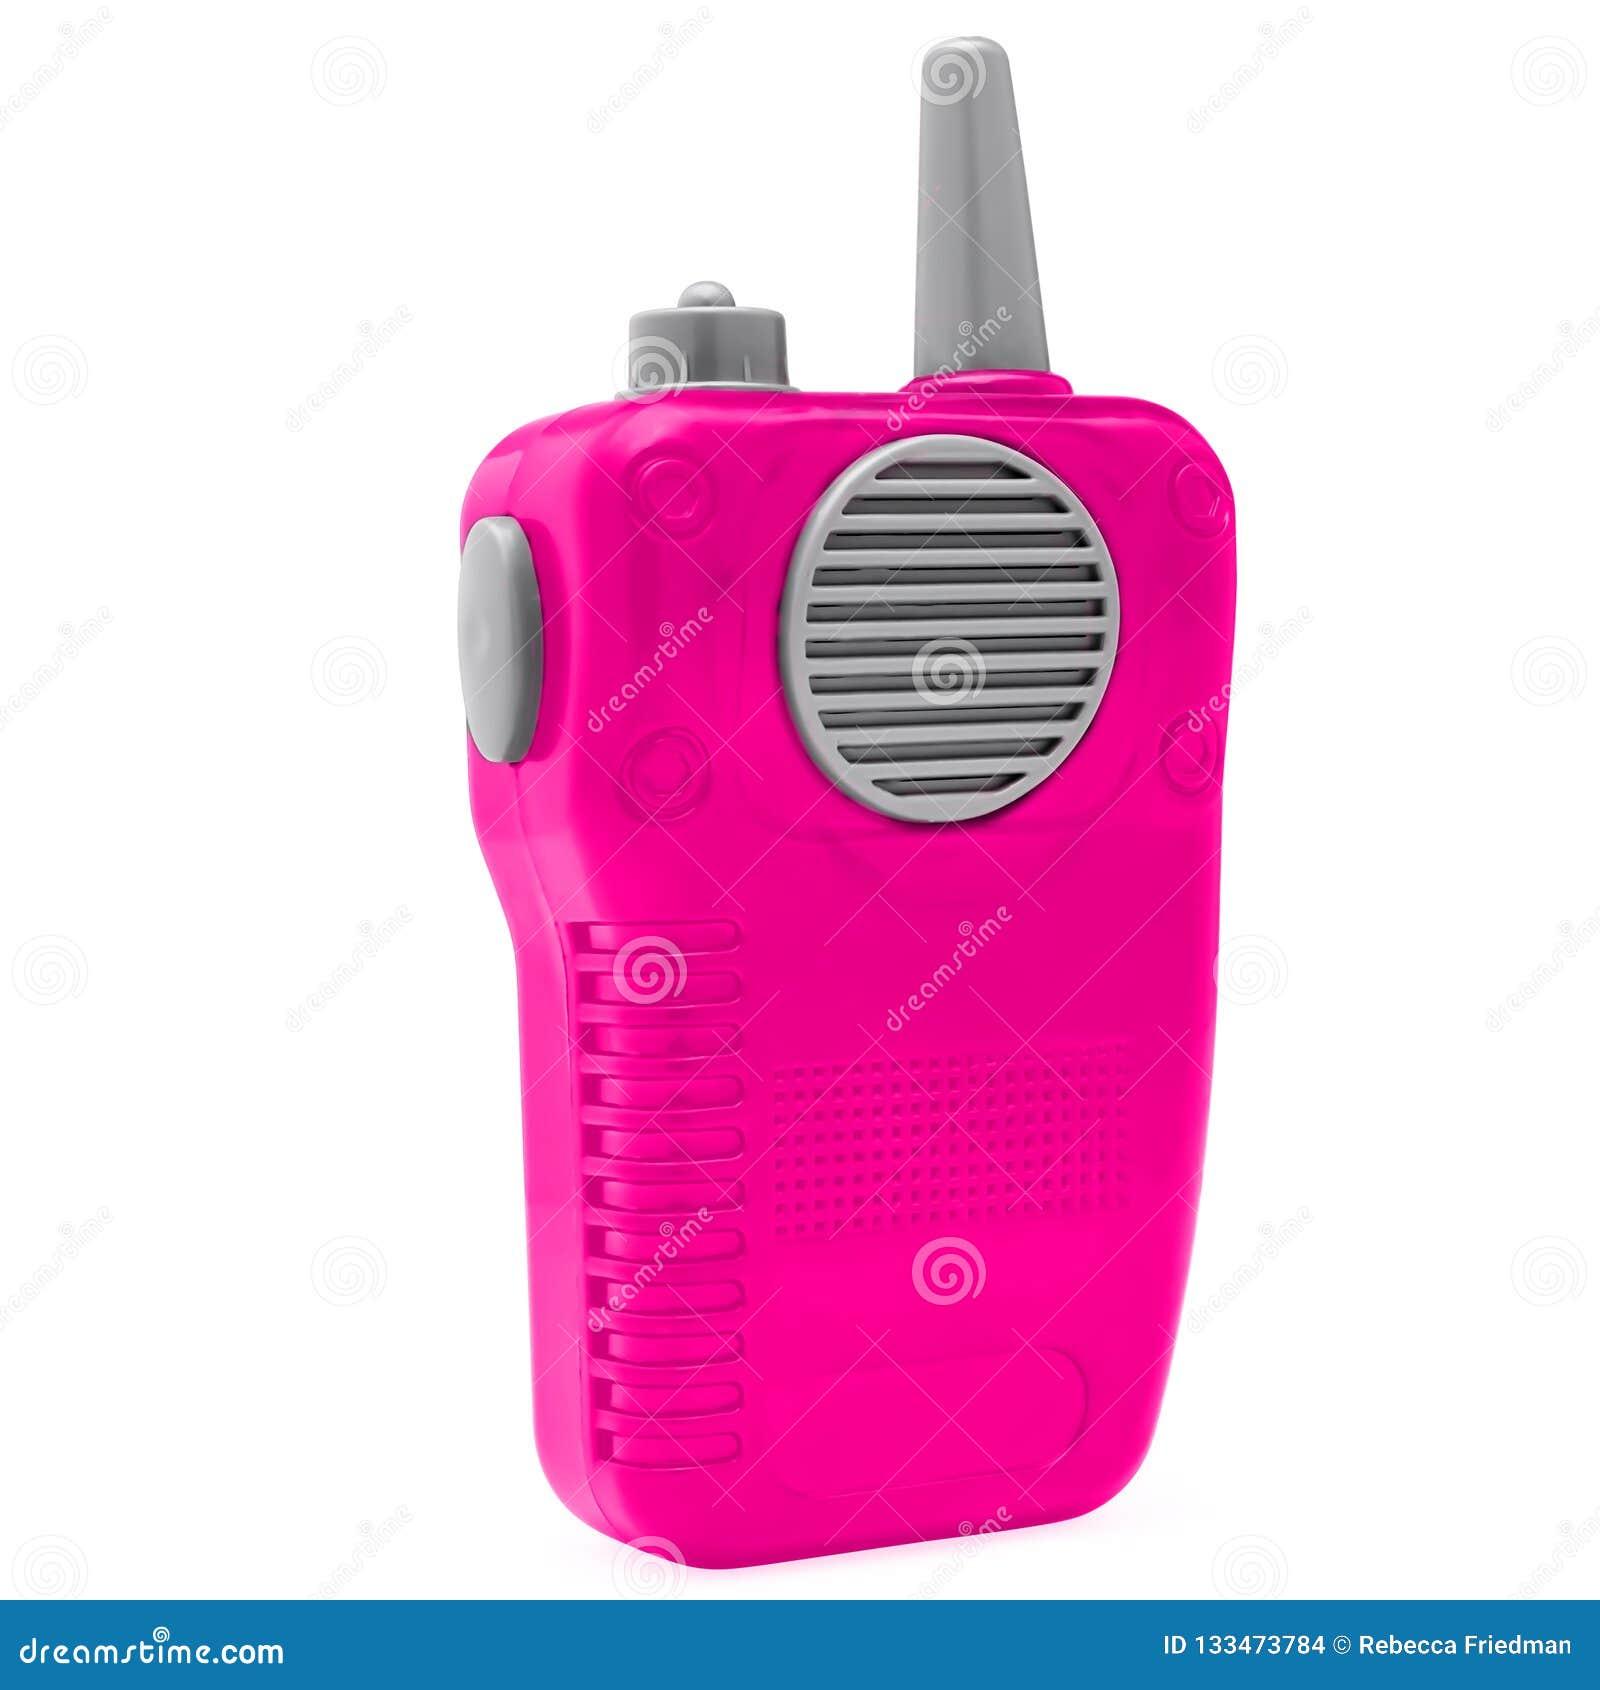 Toy Plastic Radio